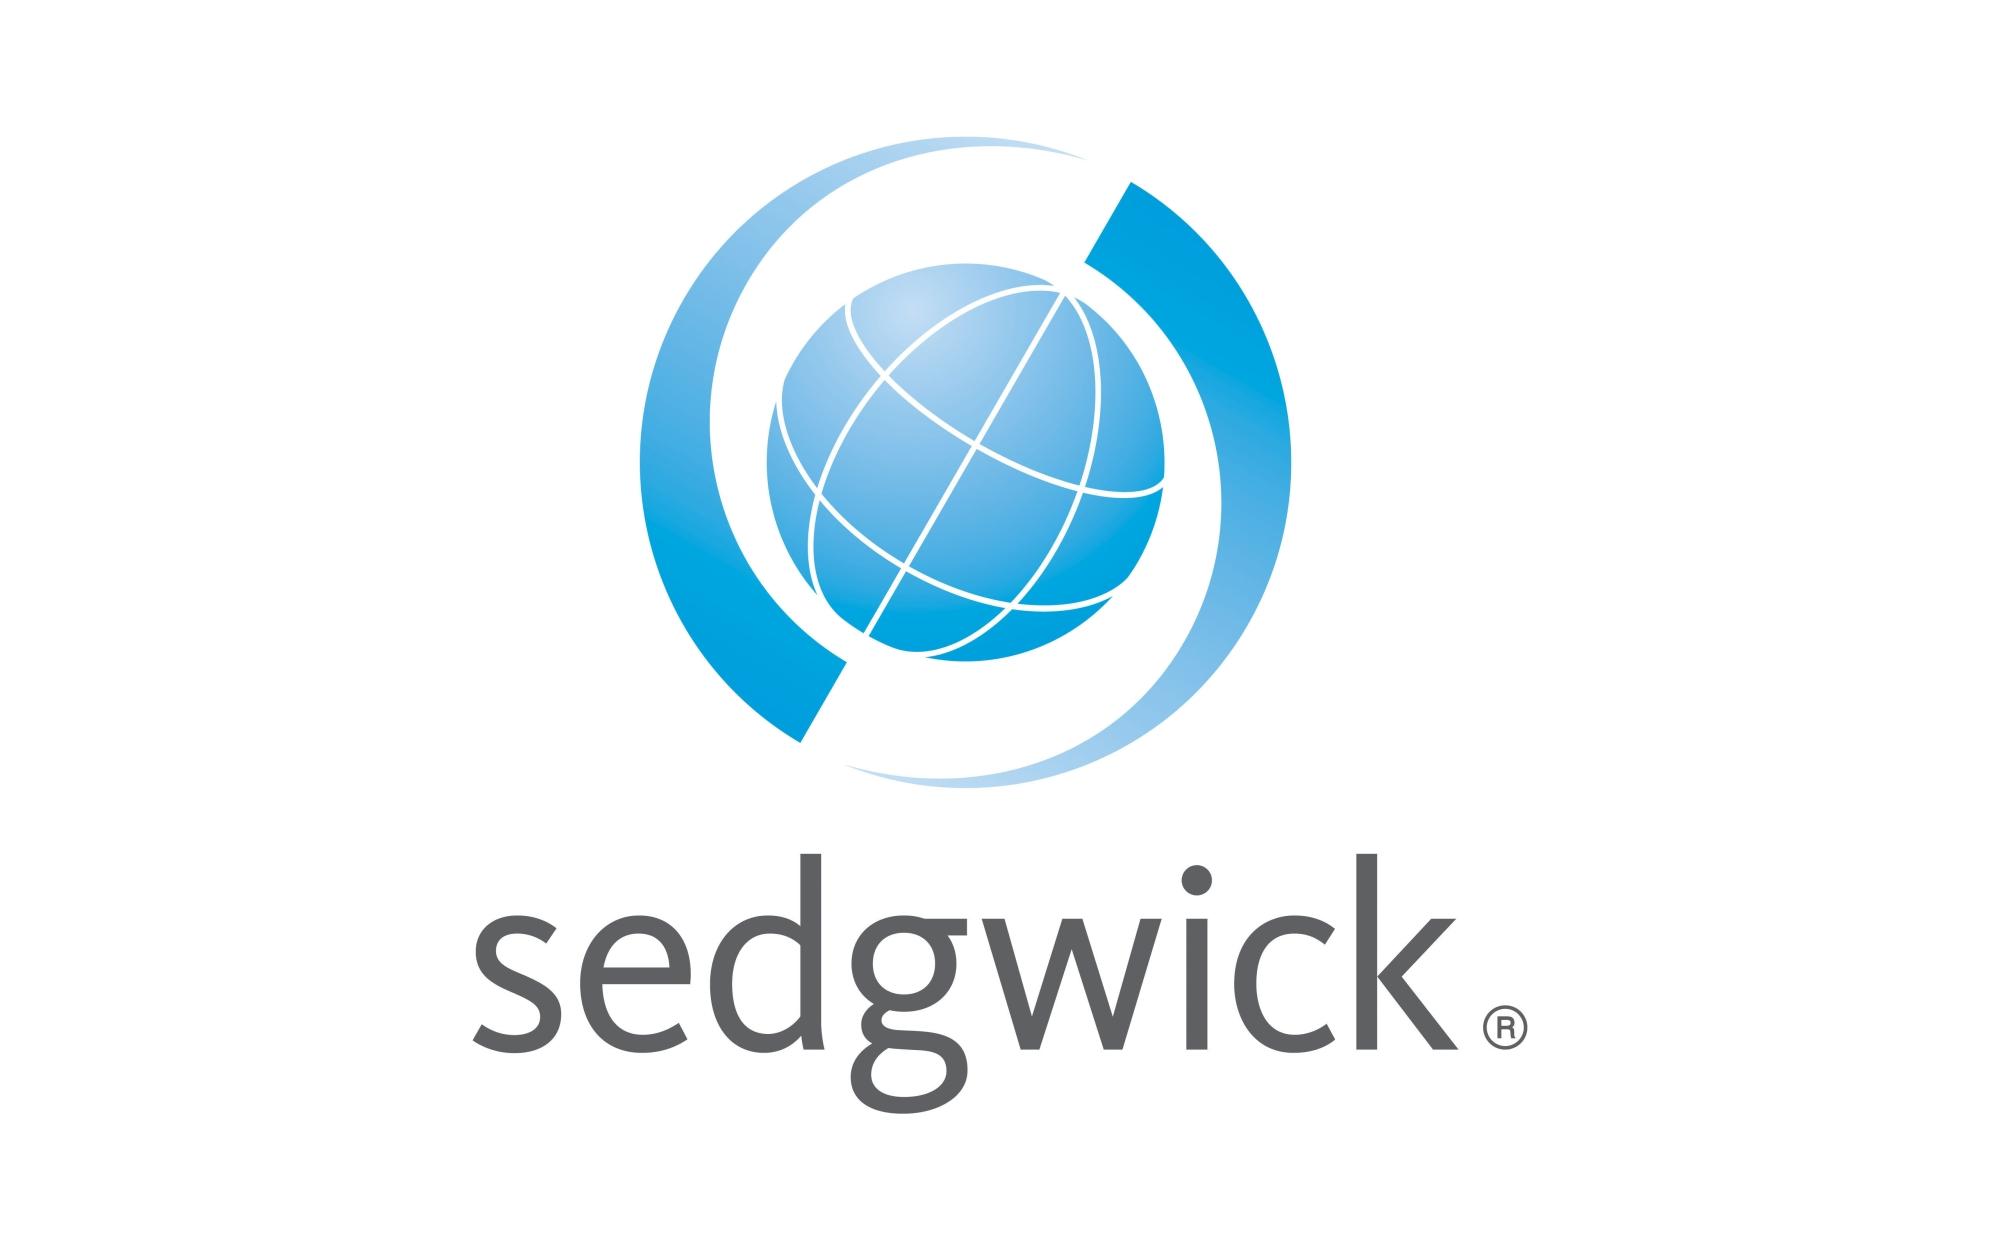 Sedgwick completa l'acquisizione di Cunningham Lindsey